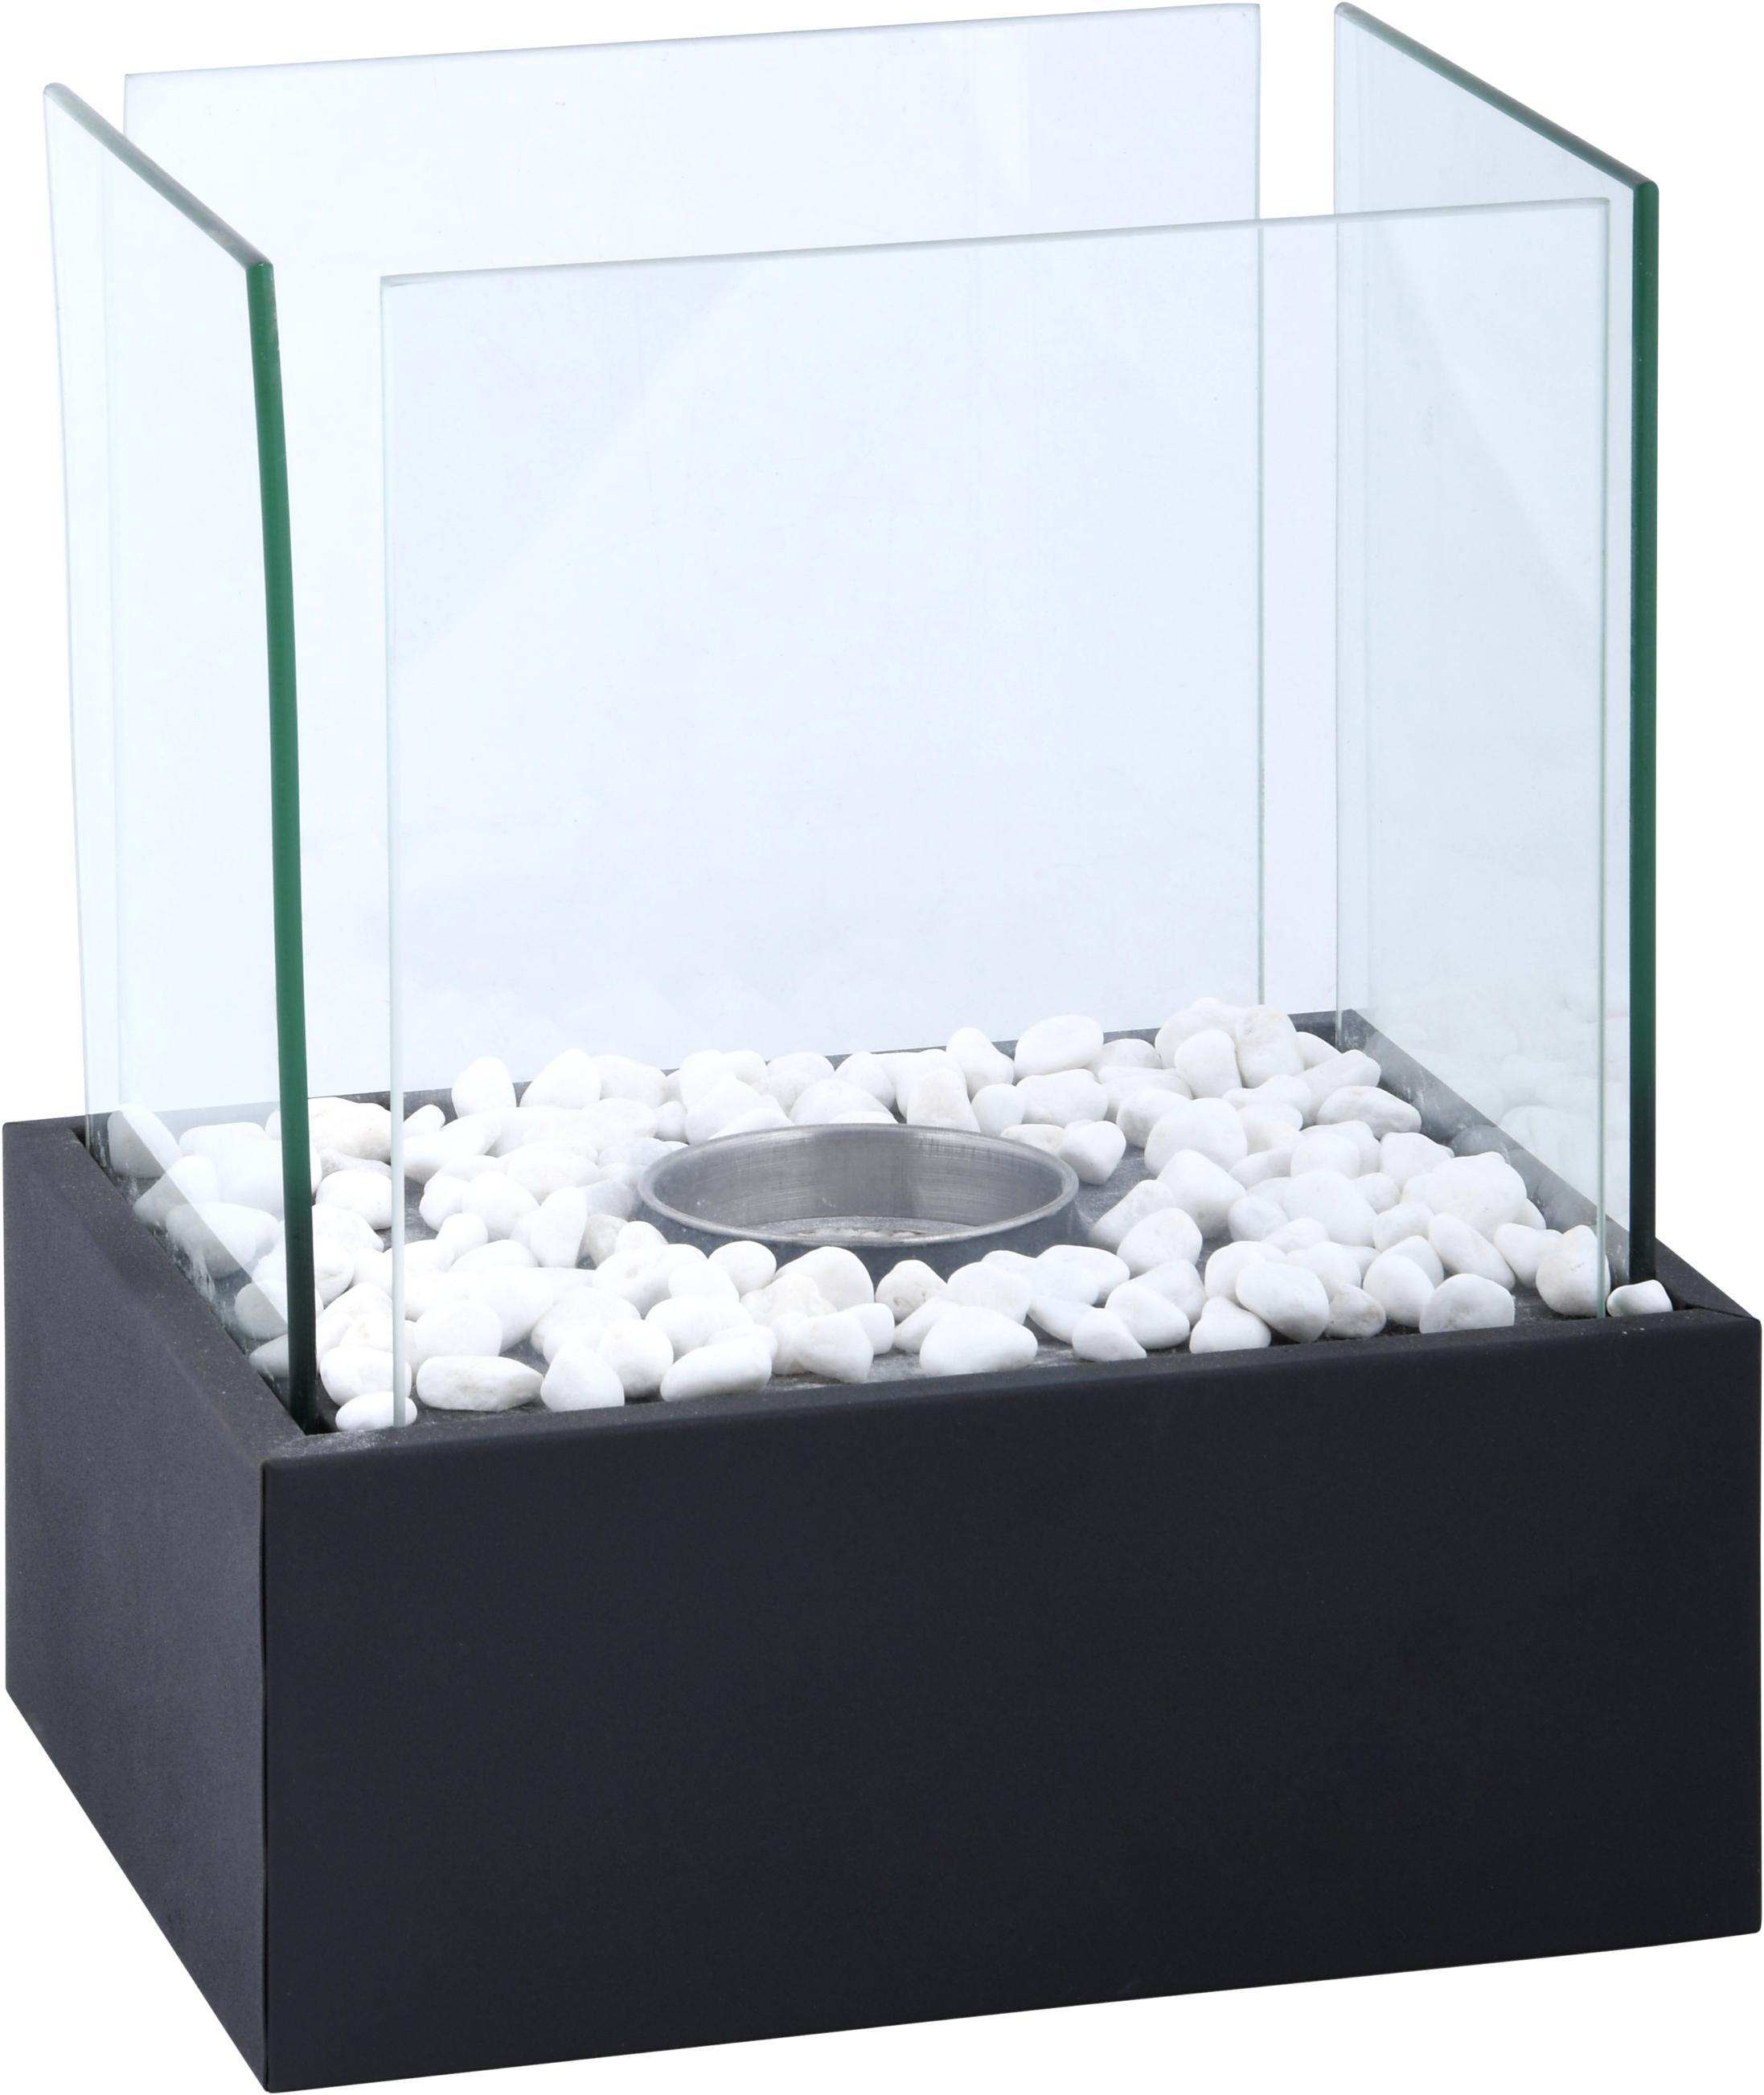 Bioethanolbrander Damin, Voetstuk: gecoat metaal, Zwart, transparant, 25 x 28 cm